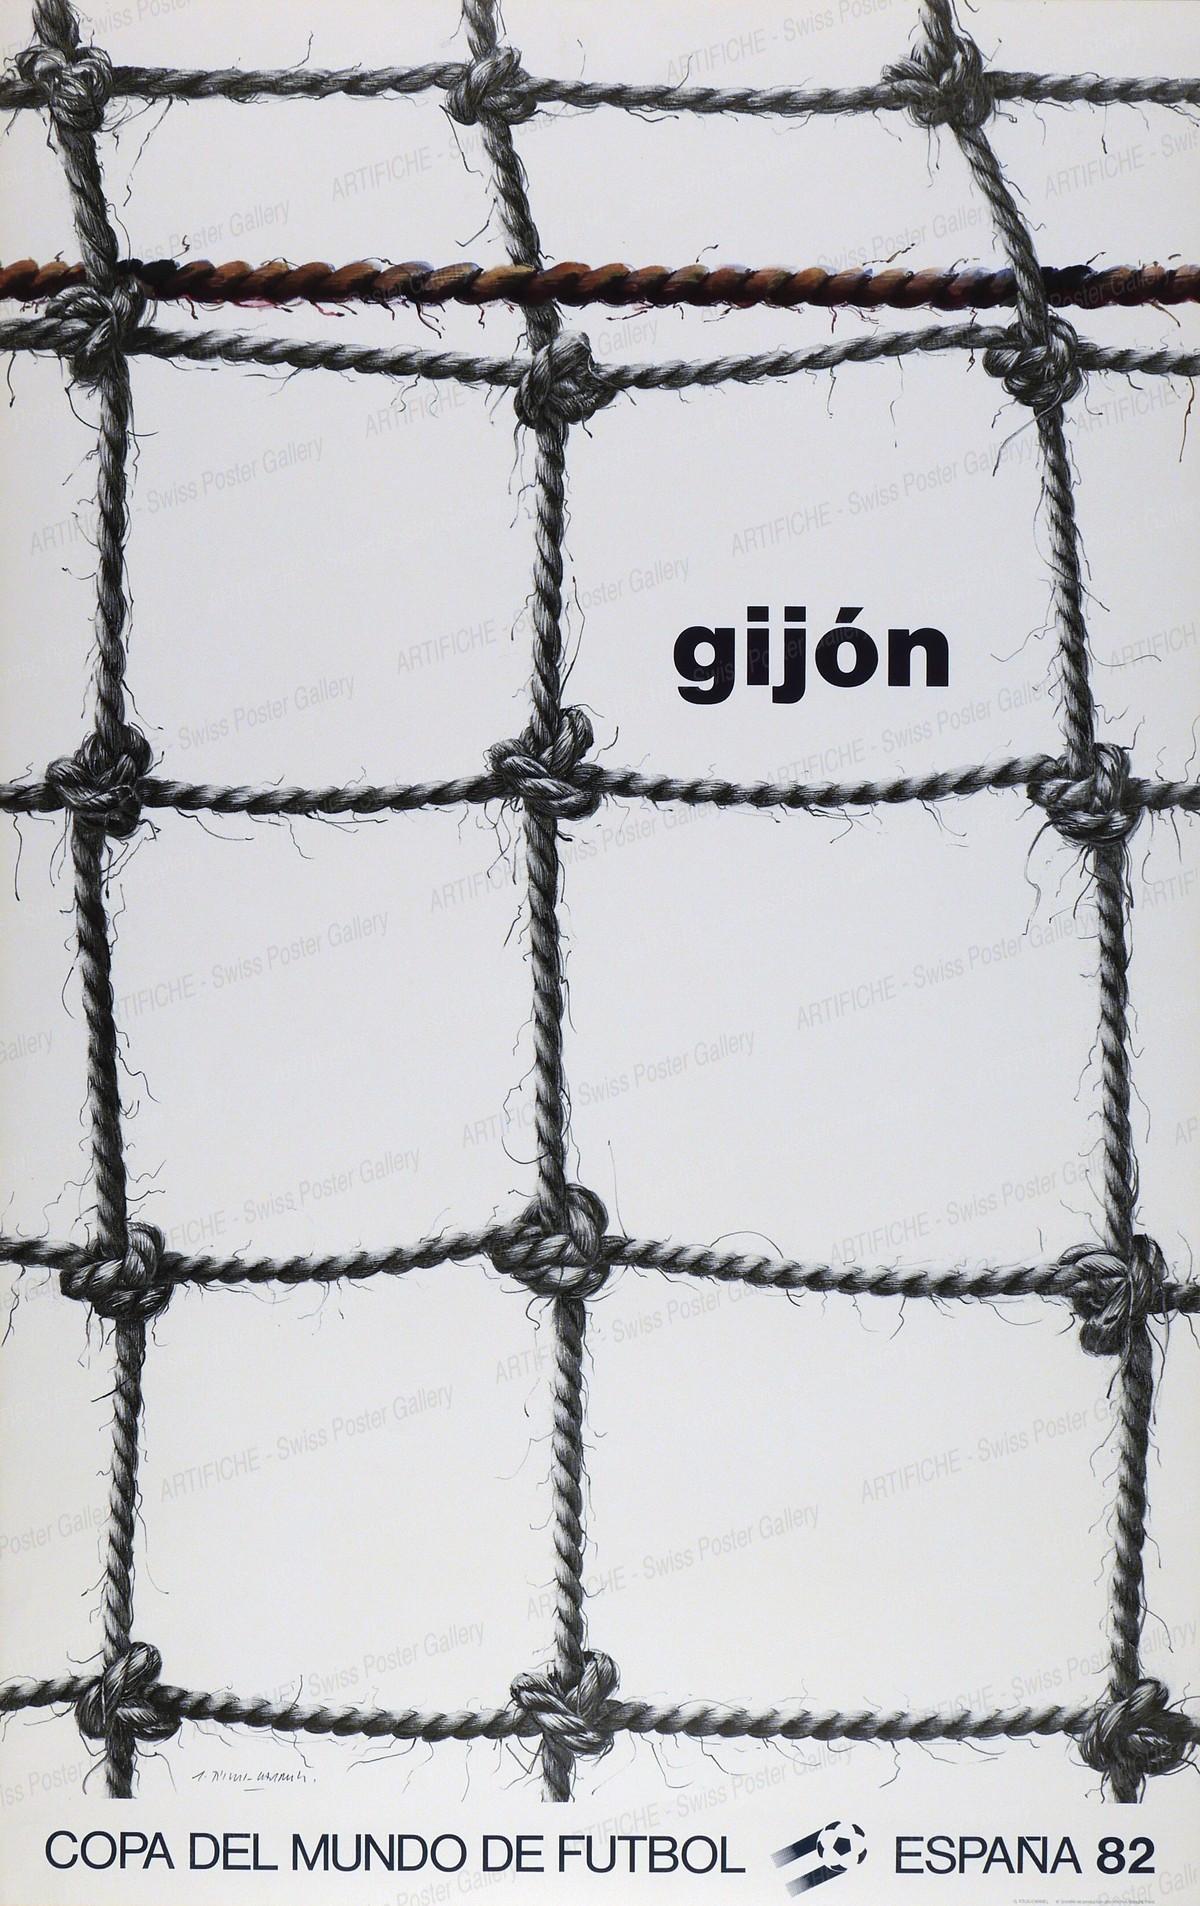 Copa del Mundo de Futbol – España 82 – Gijón, Gérard Titus-Carmel